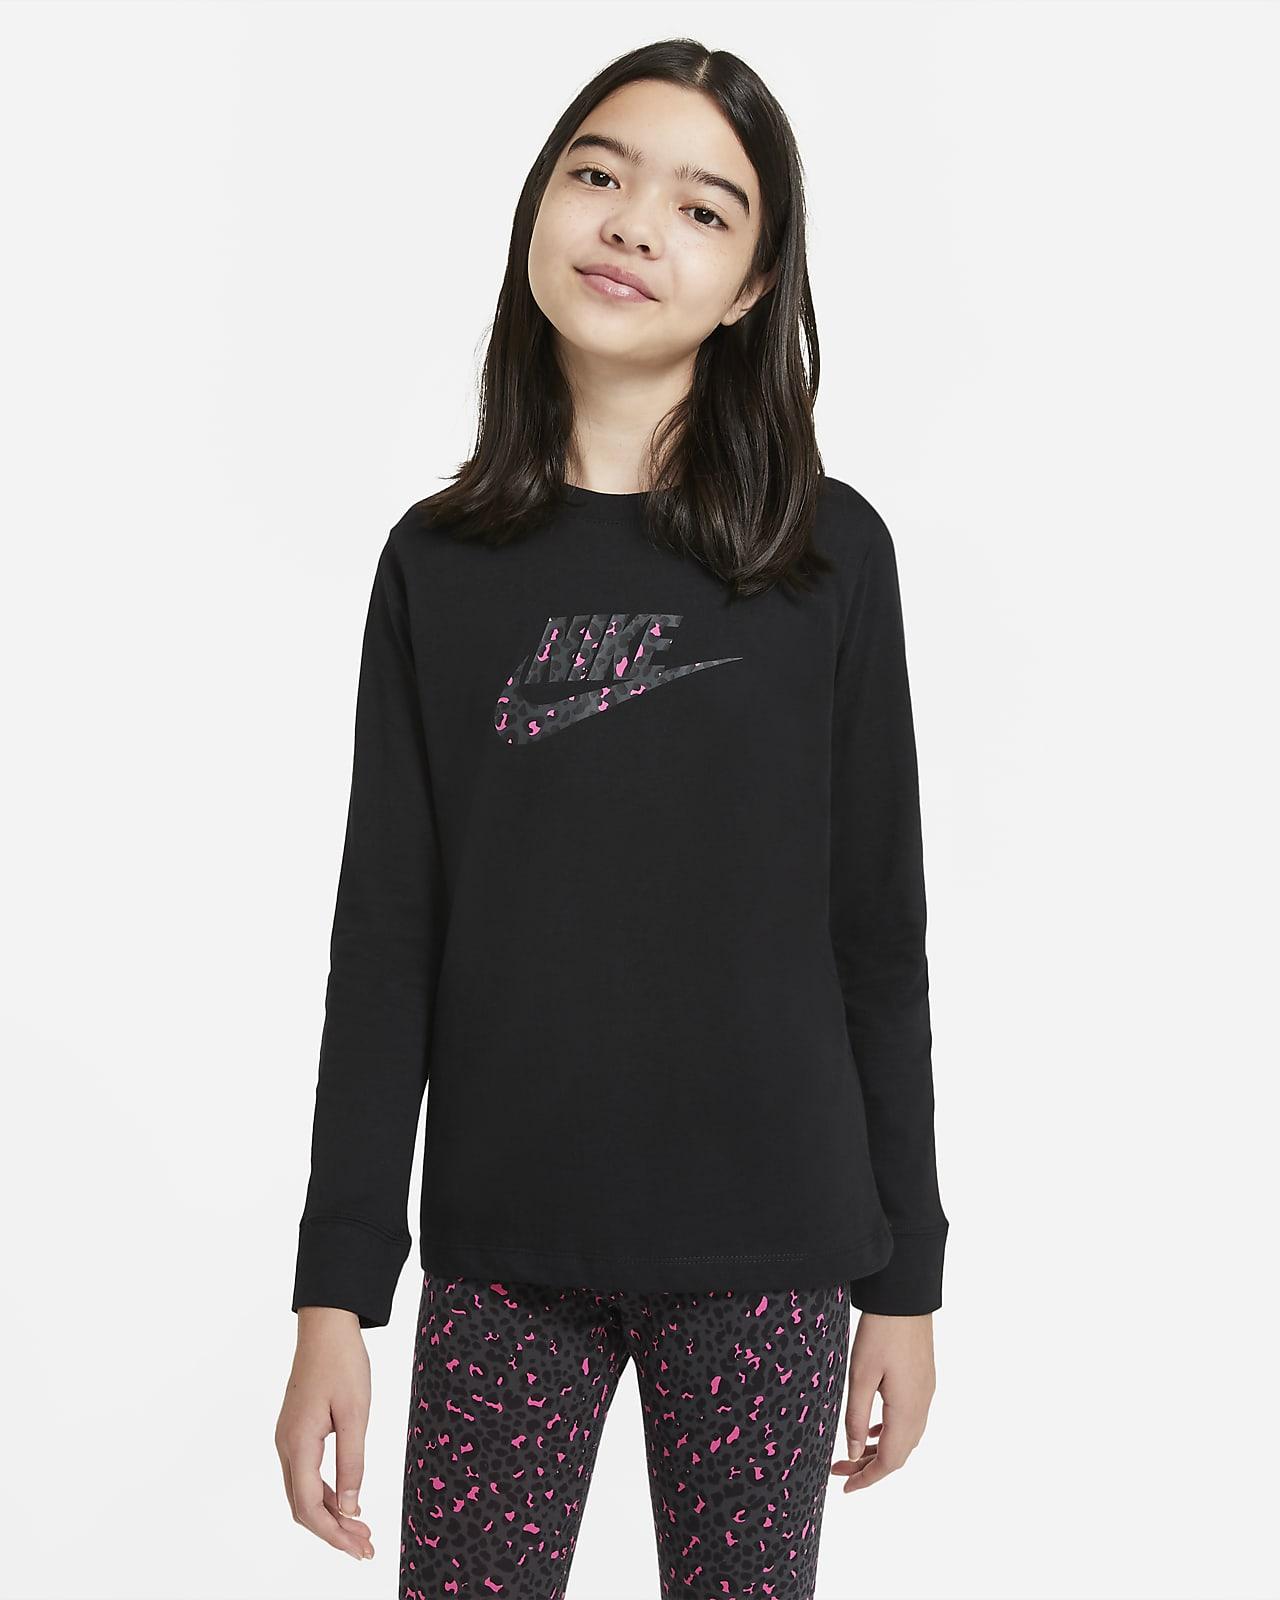 Nike Sportswear Older Kids' (Girls') Long-Sleeve T-Shirt